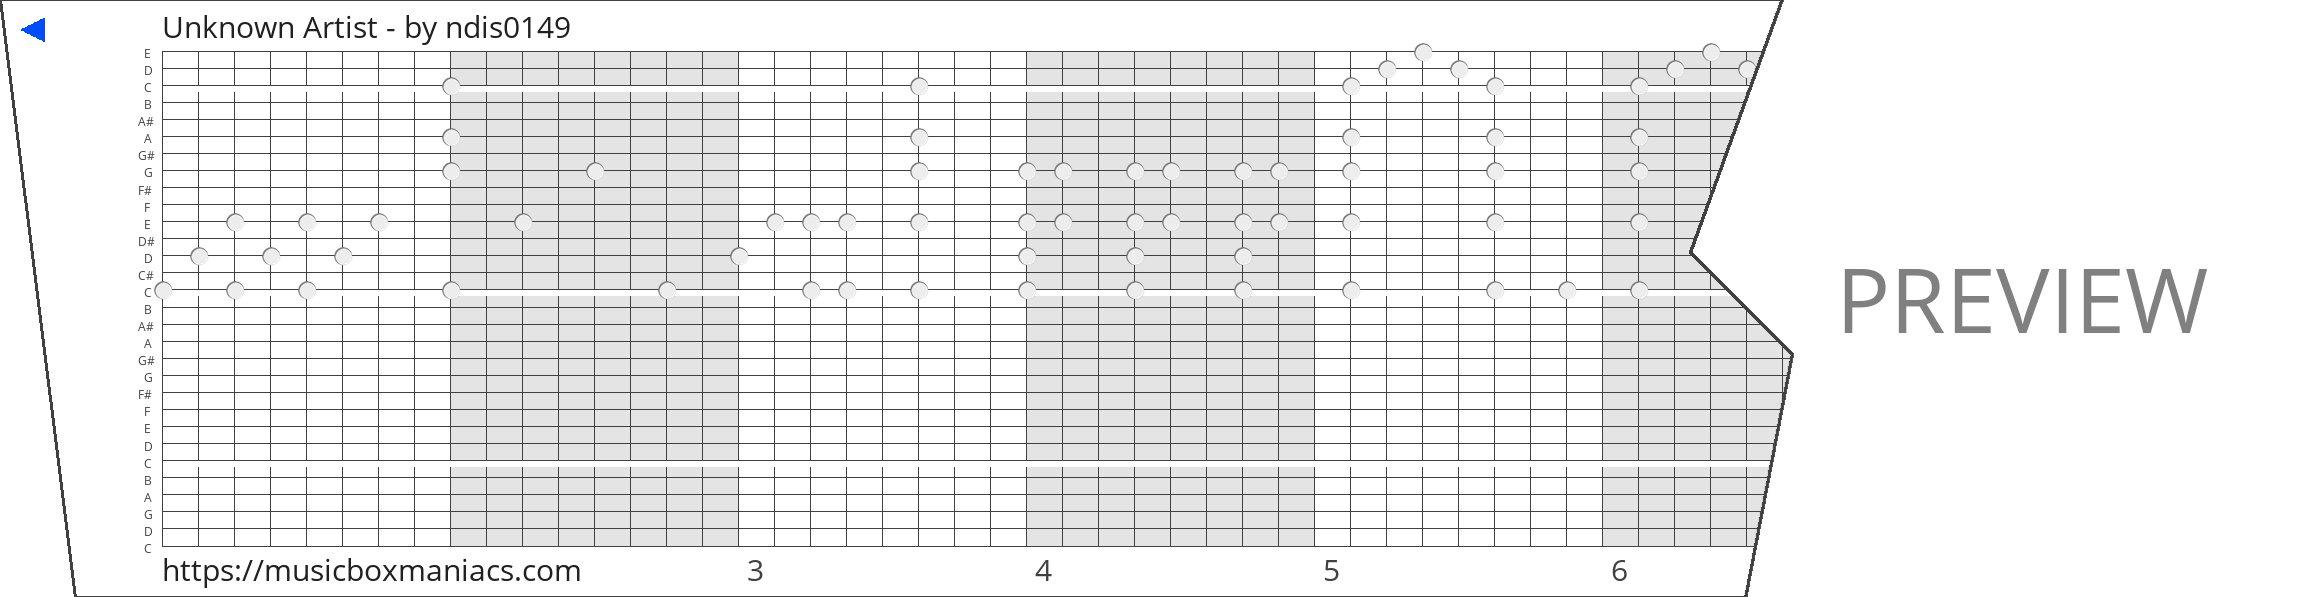 Unknown Artist - 30 note music box paper strip